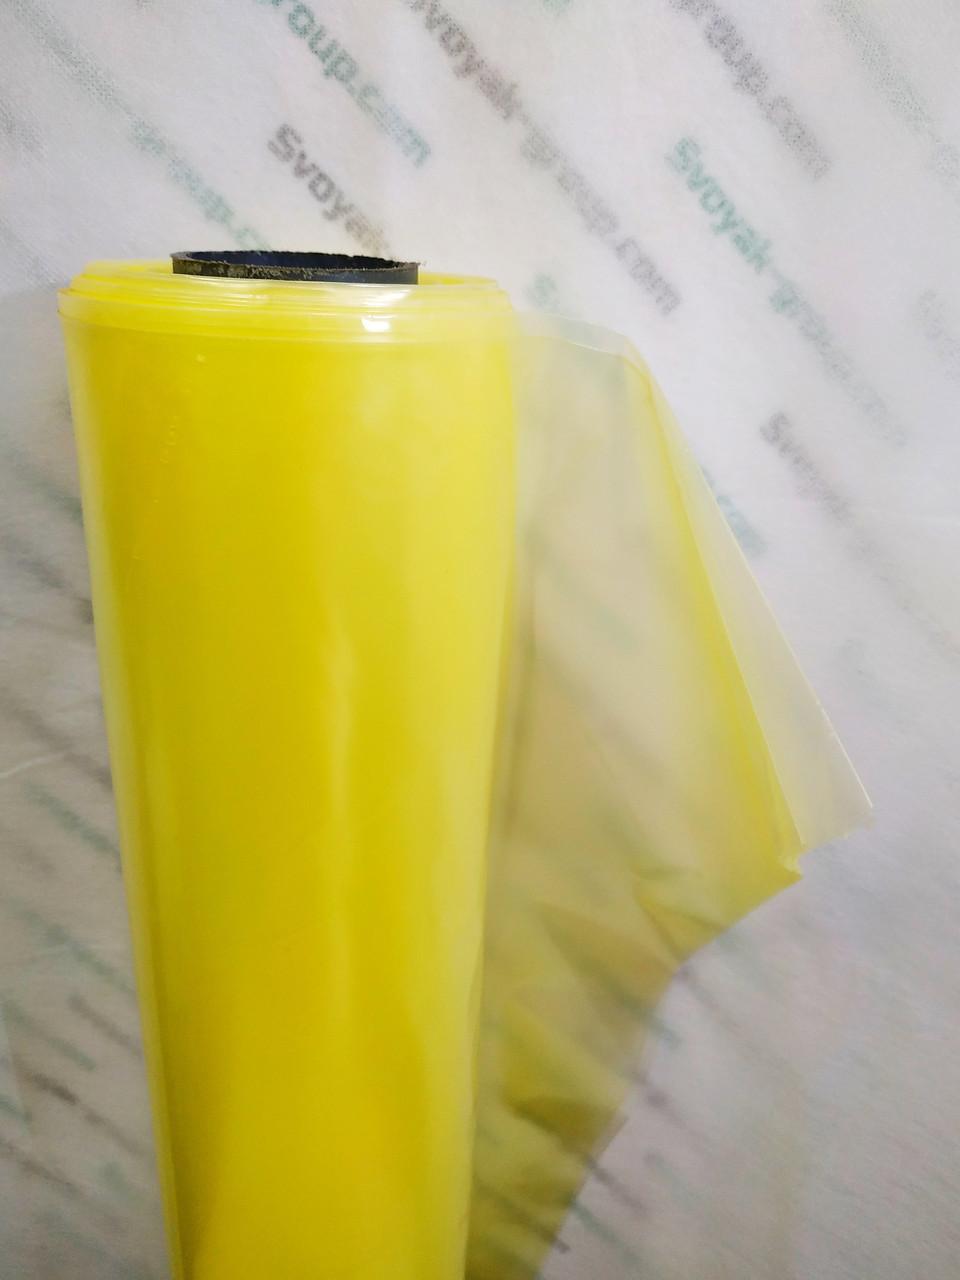 Пленка тепличная 60 мкм плотность \ Рулон 6м*50м(300 м2)\ 12мес. Стабилизация (2% UV). Харьков